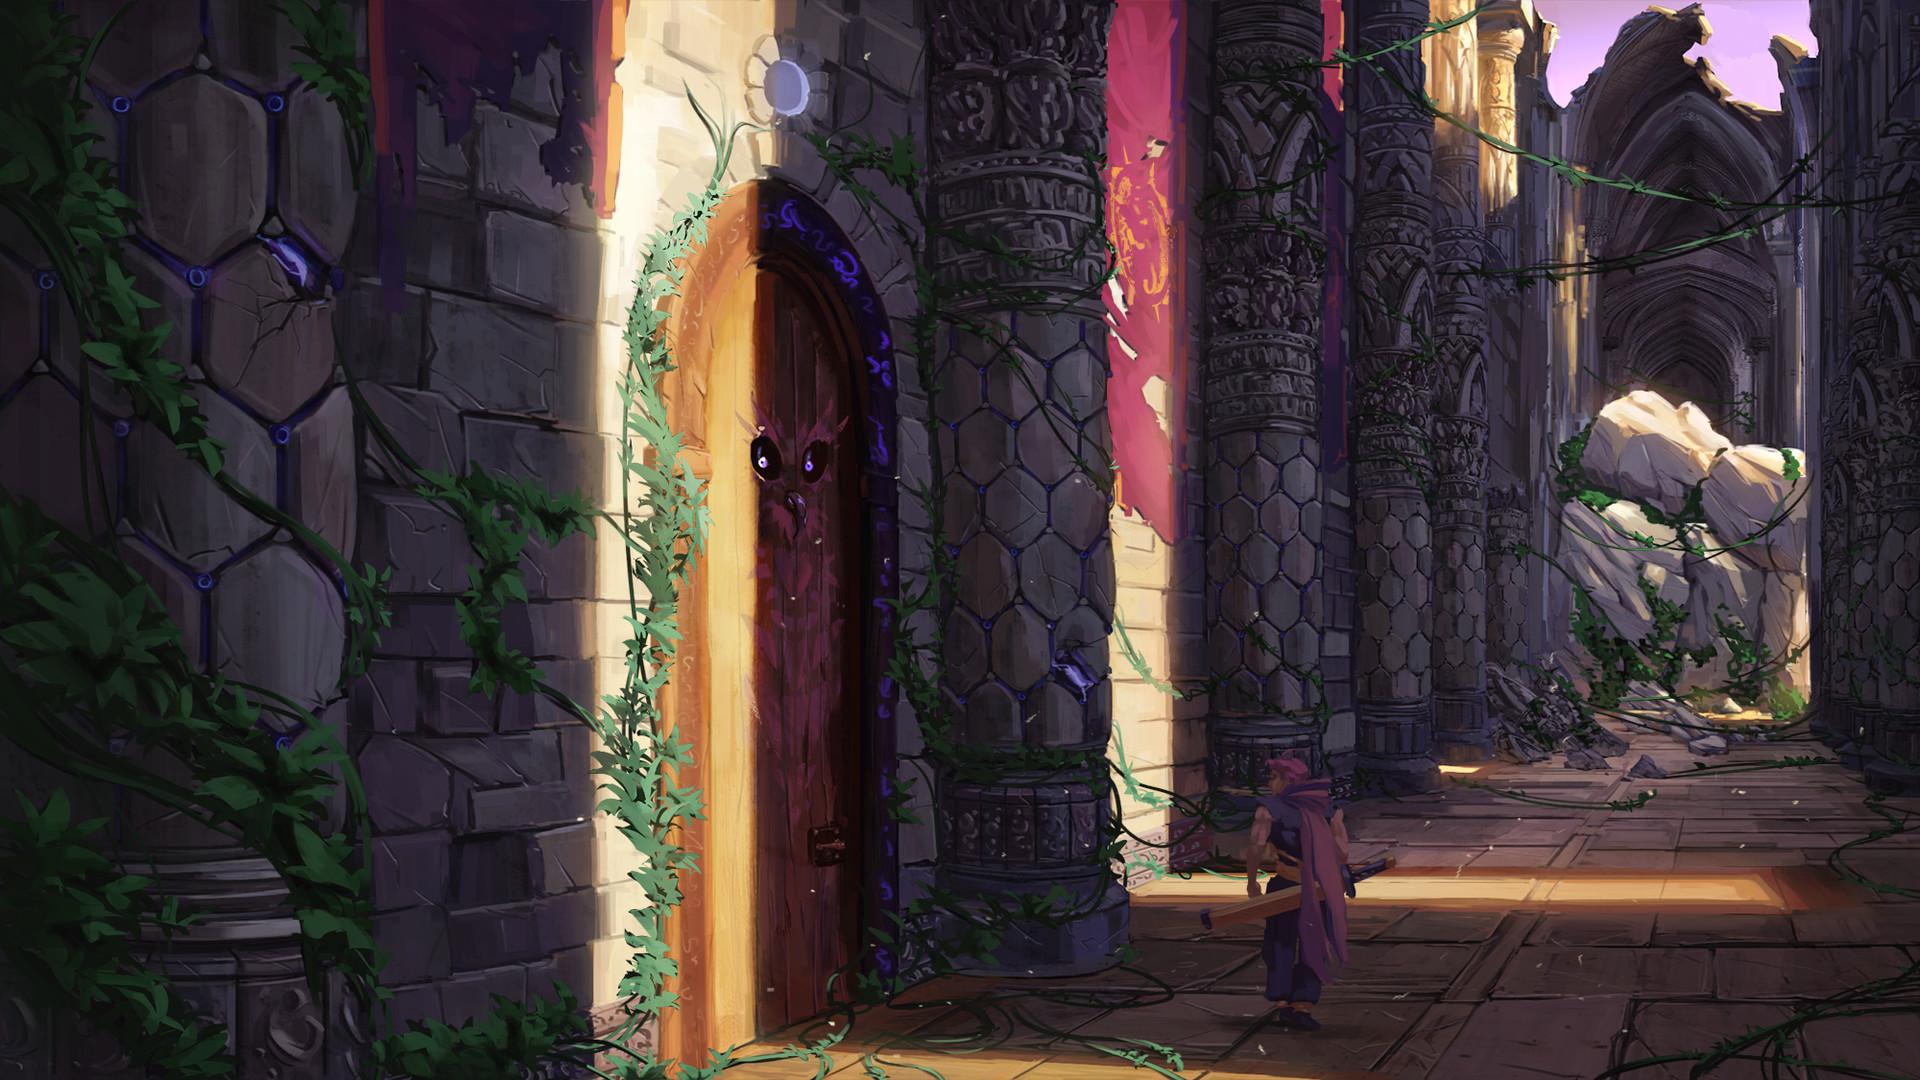 Mustafa ozkan hallway2